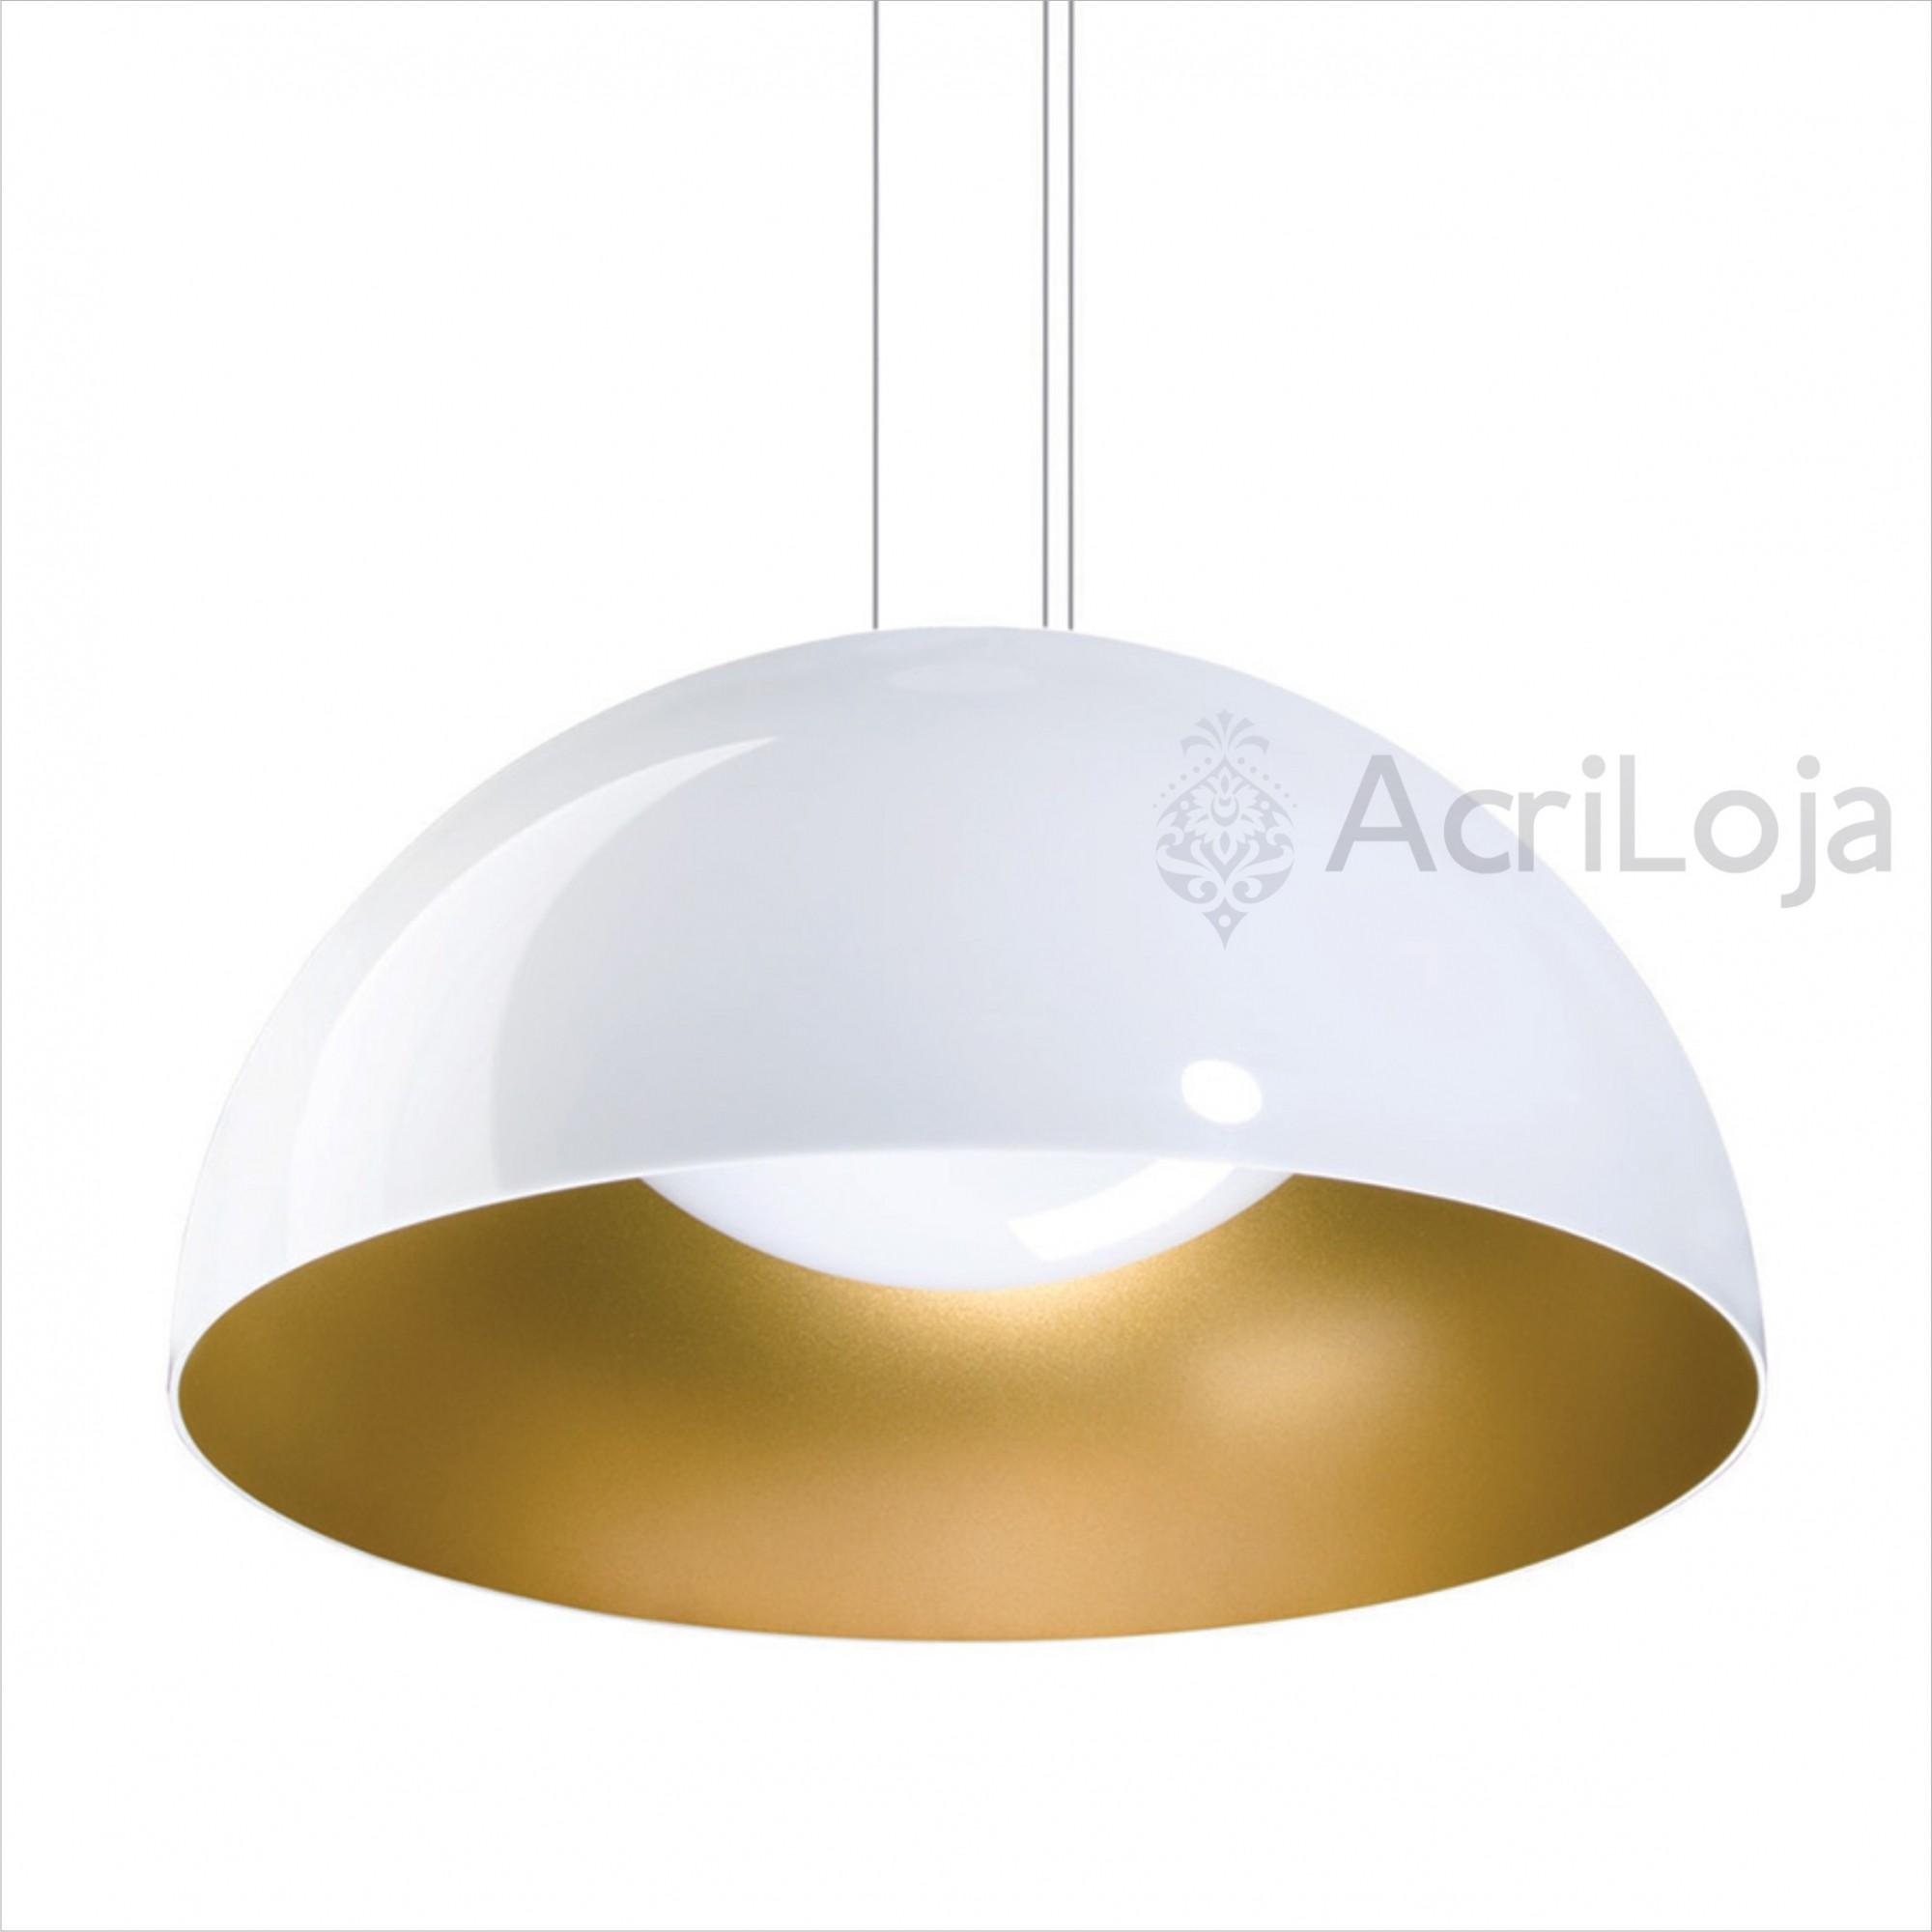 Luminaria Pendente Meia Lua Polly Bicolor Branco e Dourado 45cm x 22.5cm, Lustre de Teto em Promoção